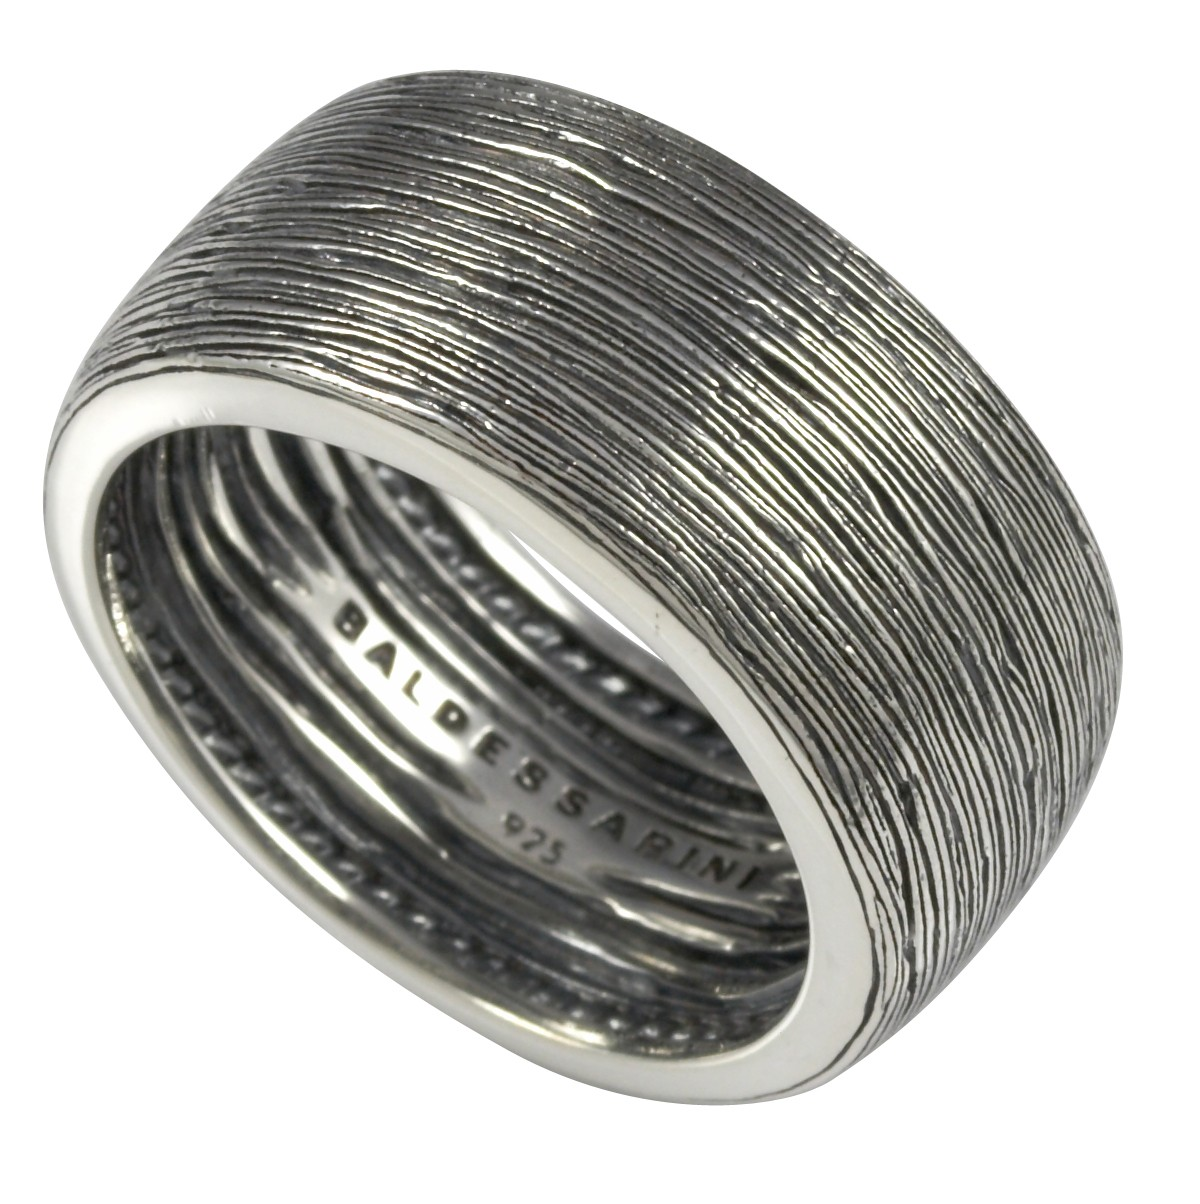 Herrenring  Herren-Ring/Siegel-Ring mit geschwärztem Muster von Baldessarini ...